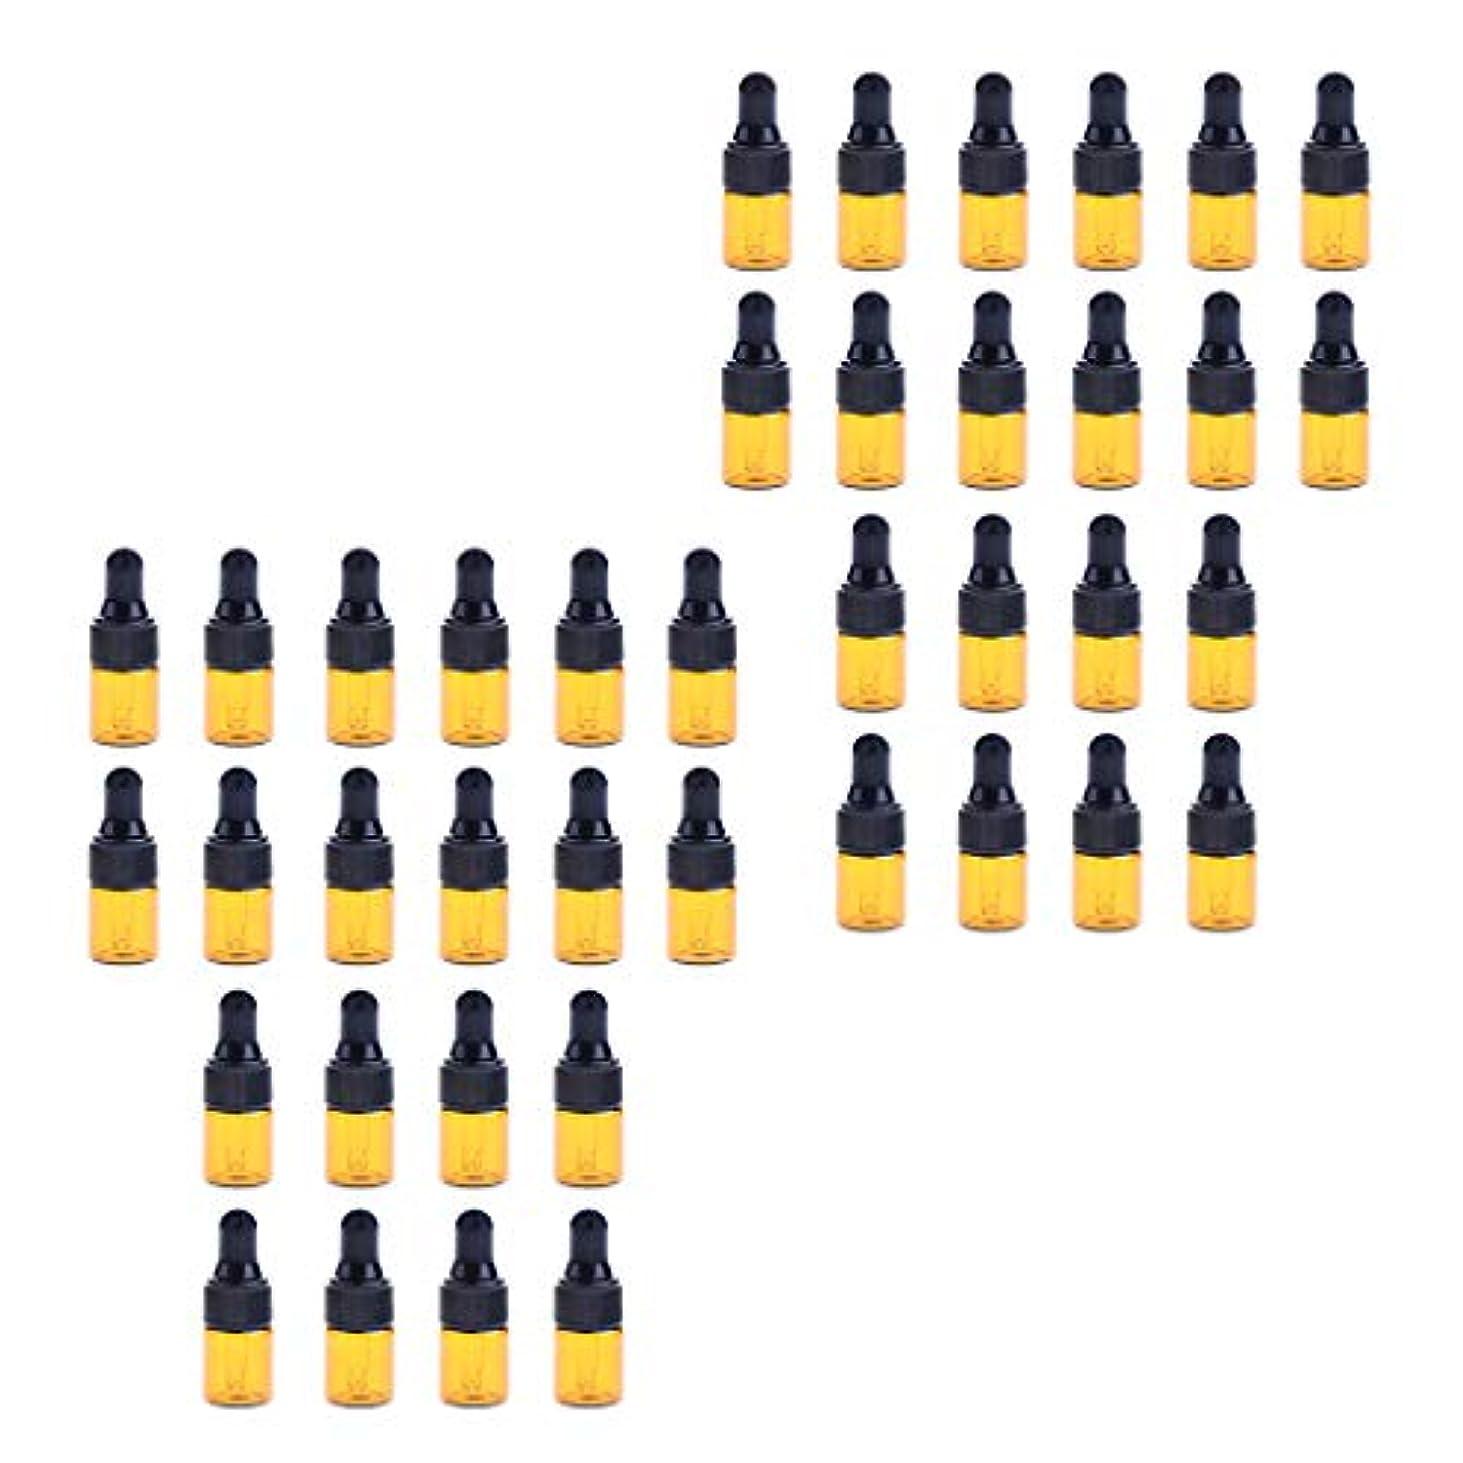 ワードローブ核ドナードロッパーボトル ガラス瓶 エッセンシャルオイル 精油 保存容器 詰め替え 小型 1ml /2ml 40個入